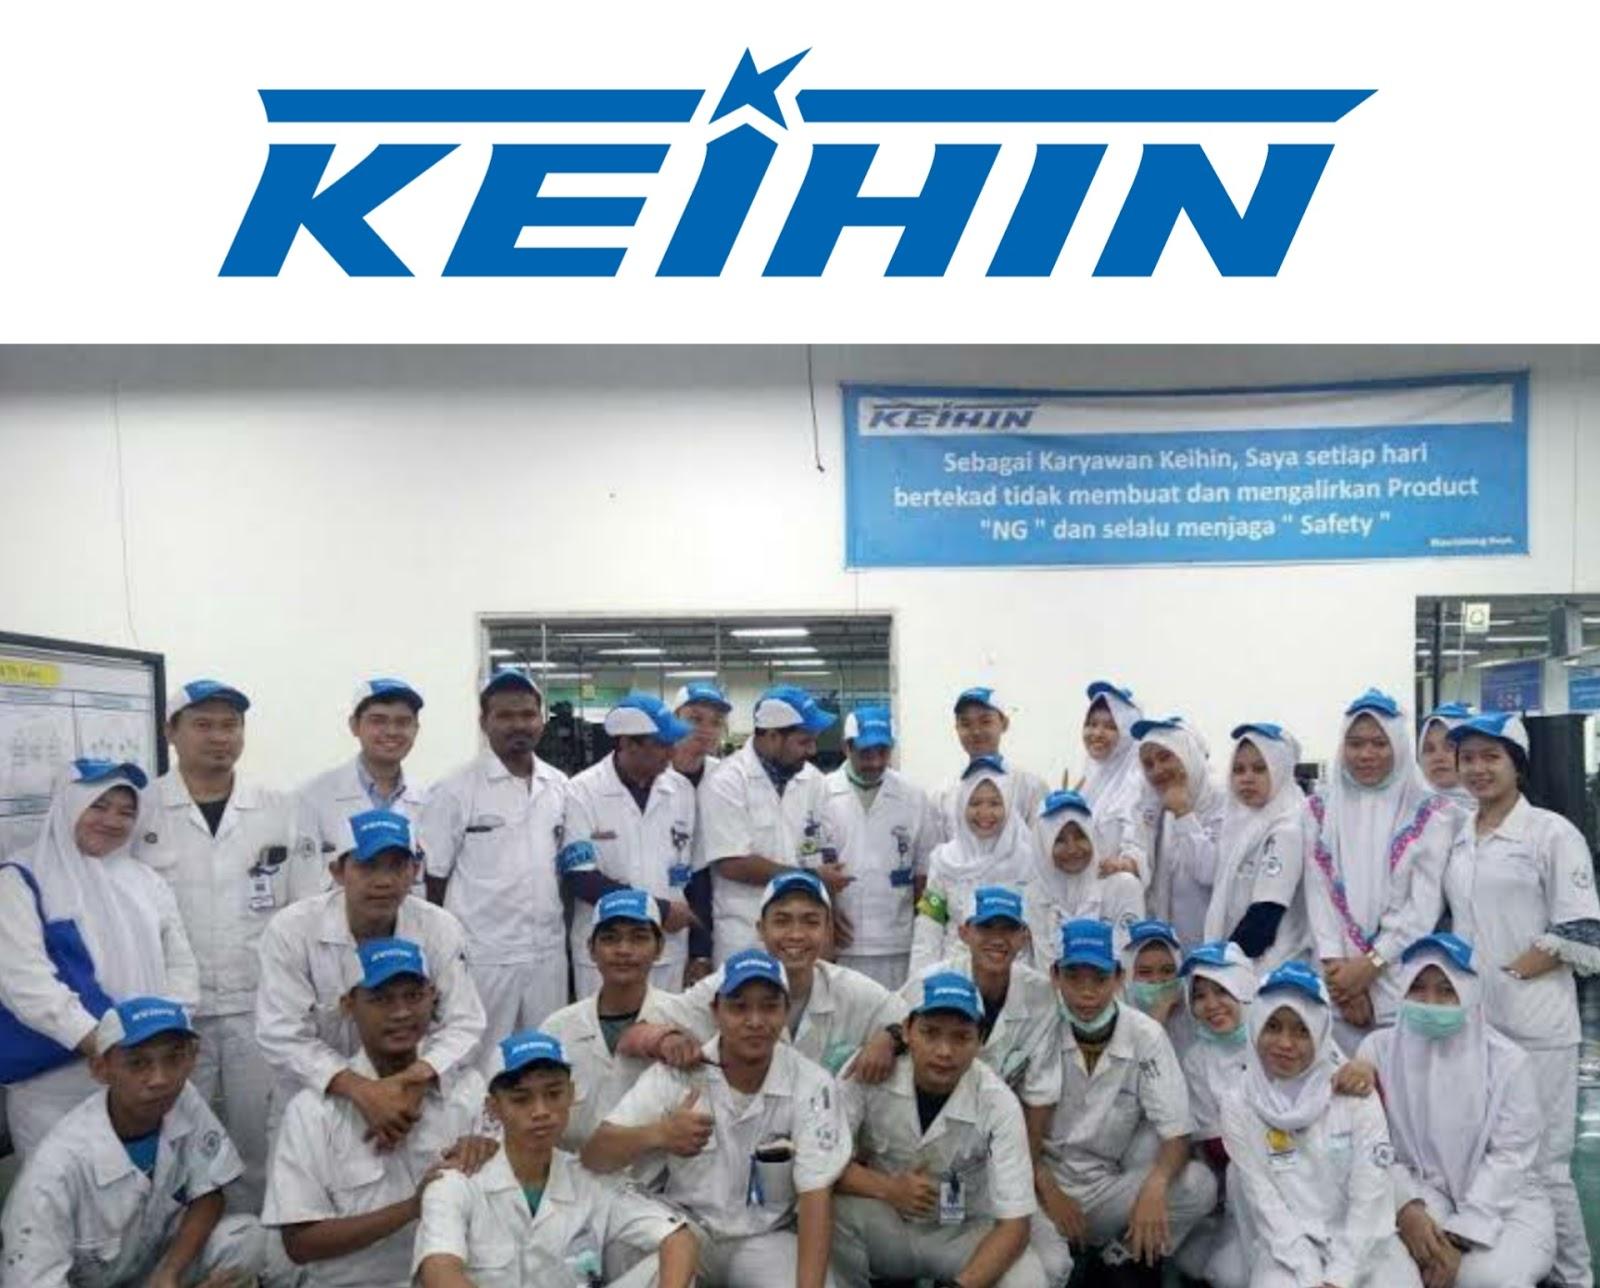 Lowongan Kerja PT Keihin Manufacturing Indonesia Terbaru